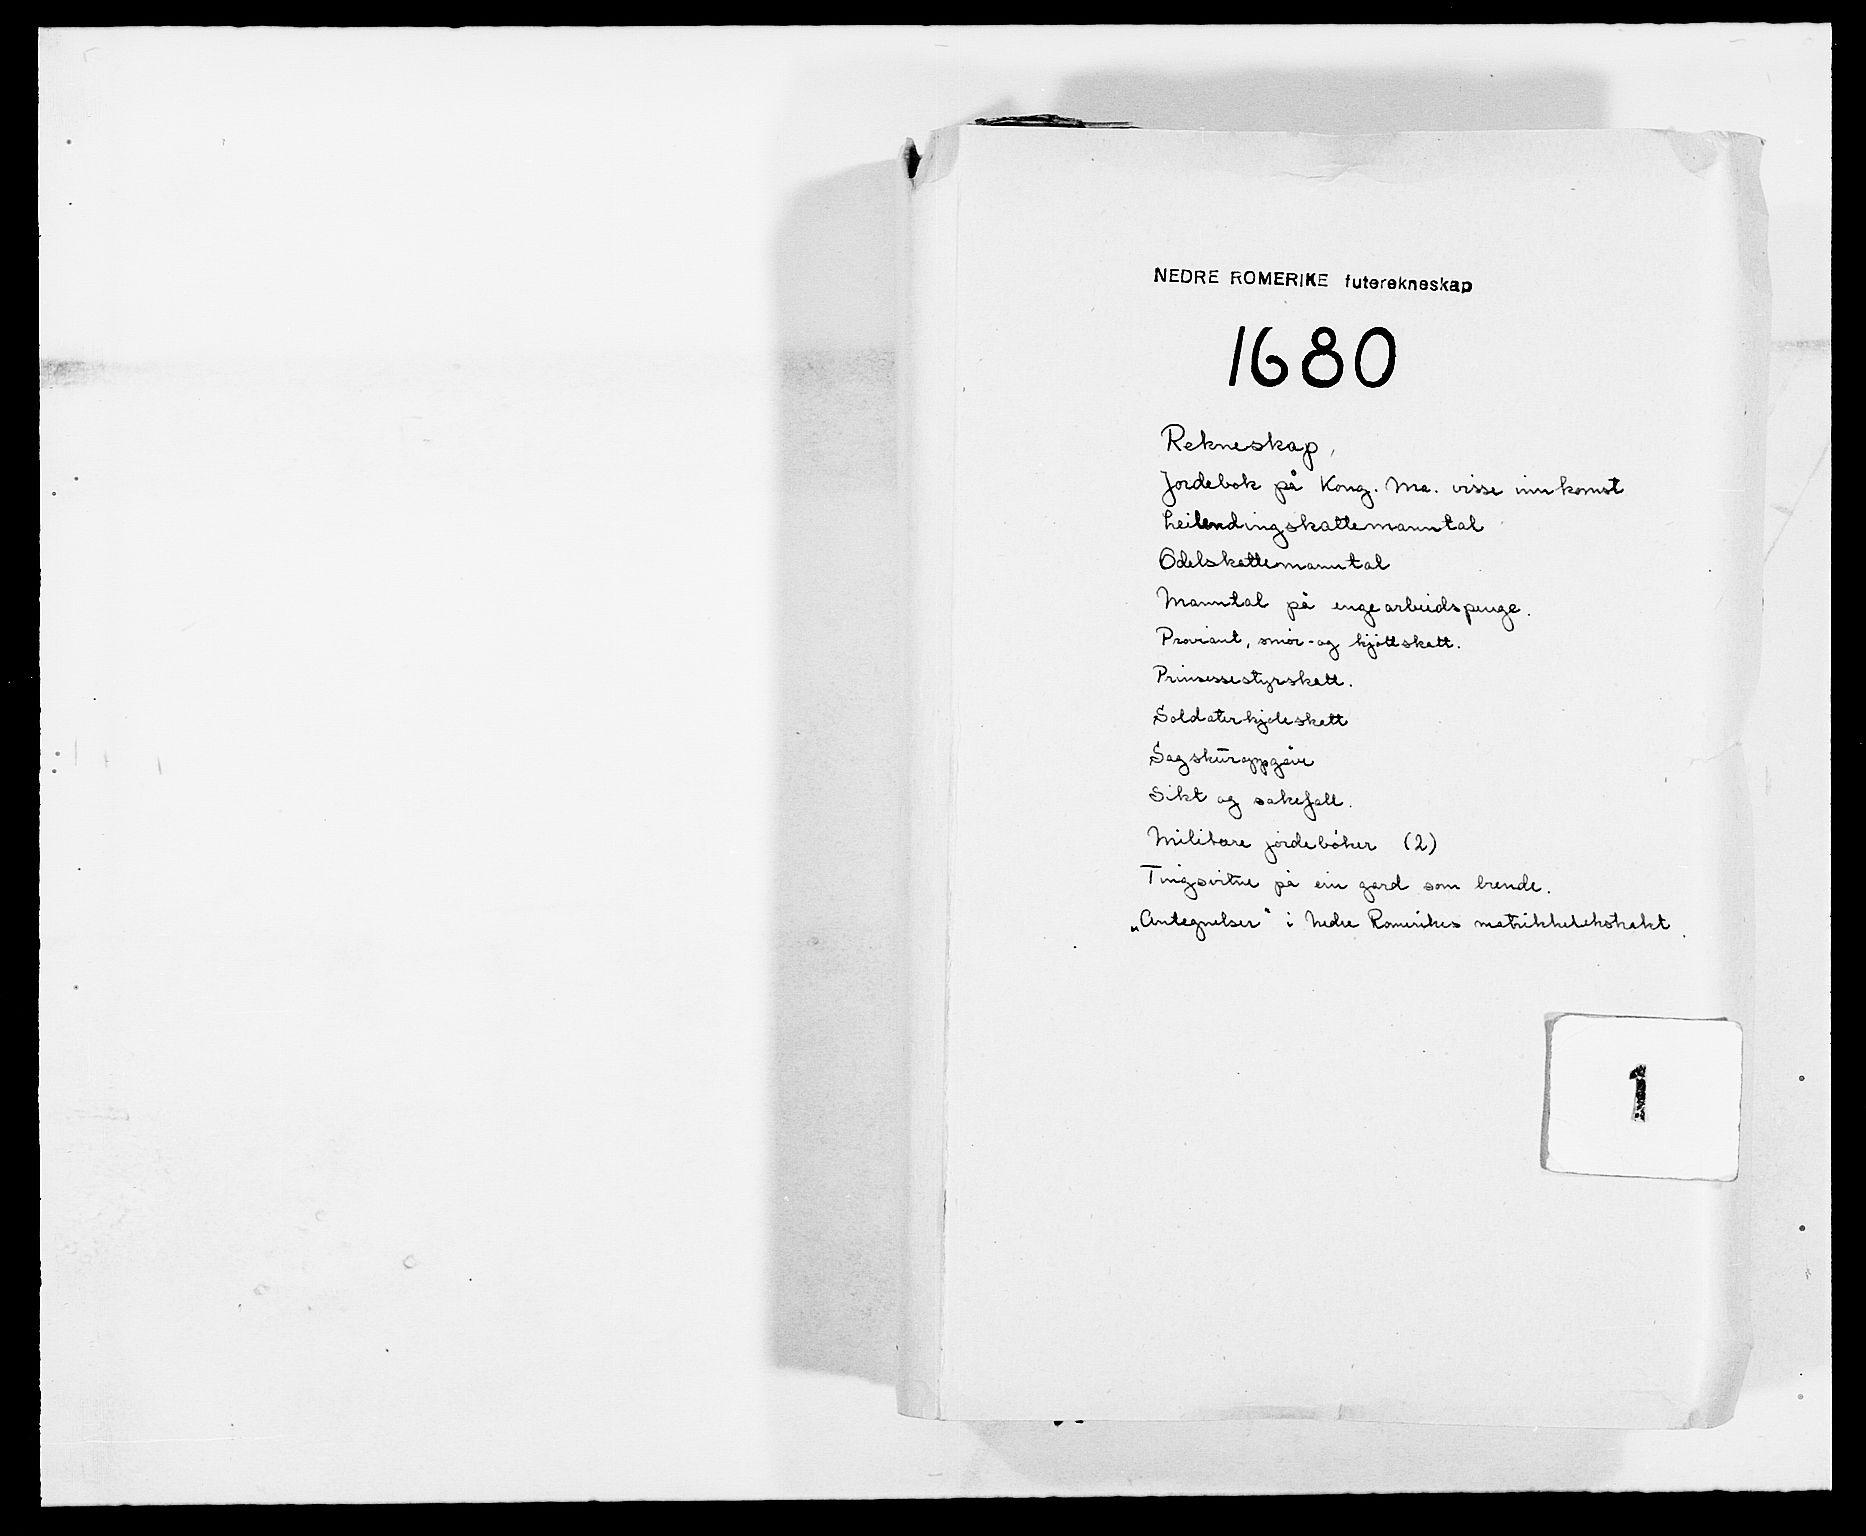 RA, Rentekammeret inntil 1814, Reviderte regnskaper, Fogderegnskap, R11/L0569: Fogderegnskap Nedre Romerike, 1680-1681, s. 1